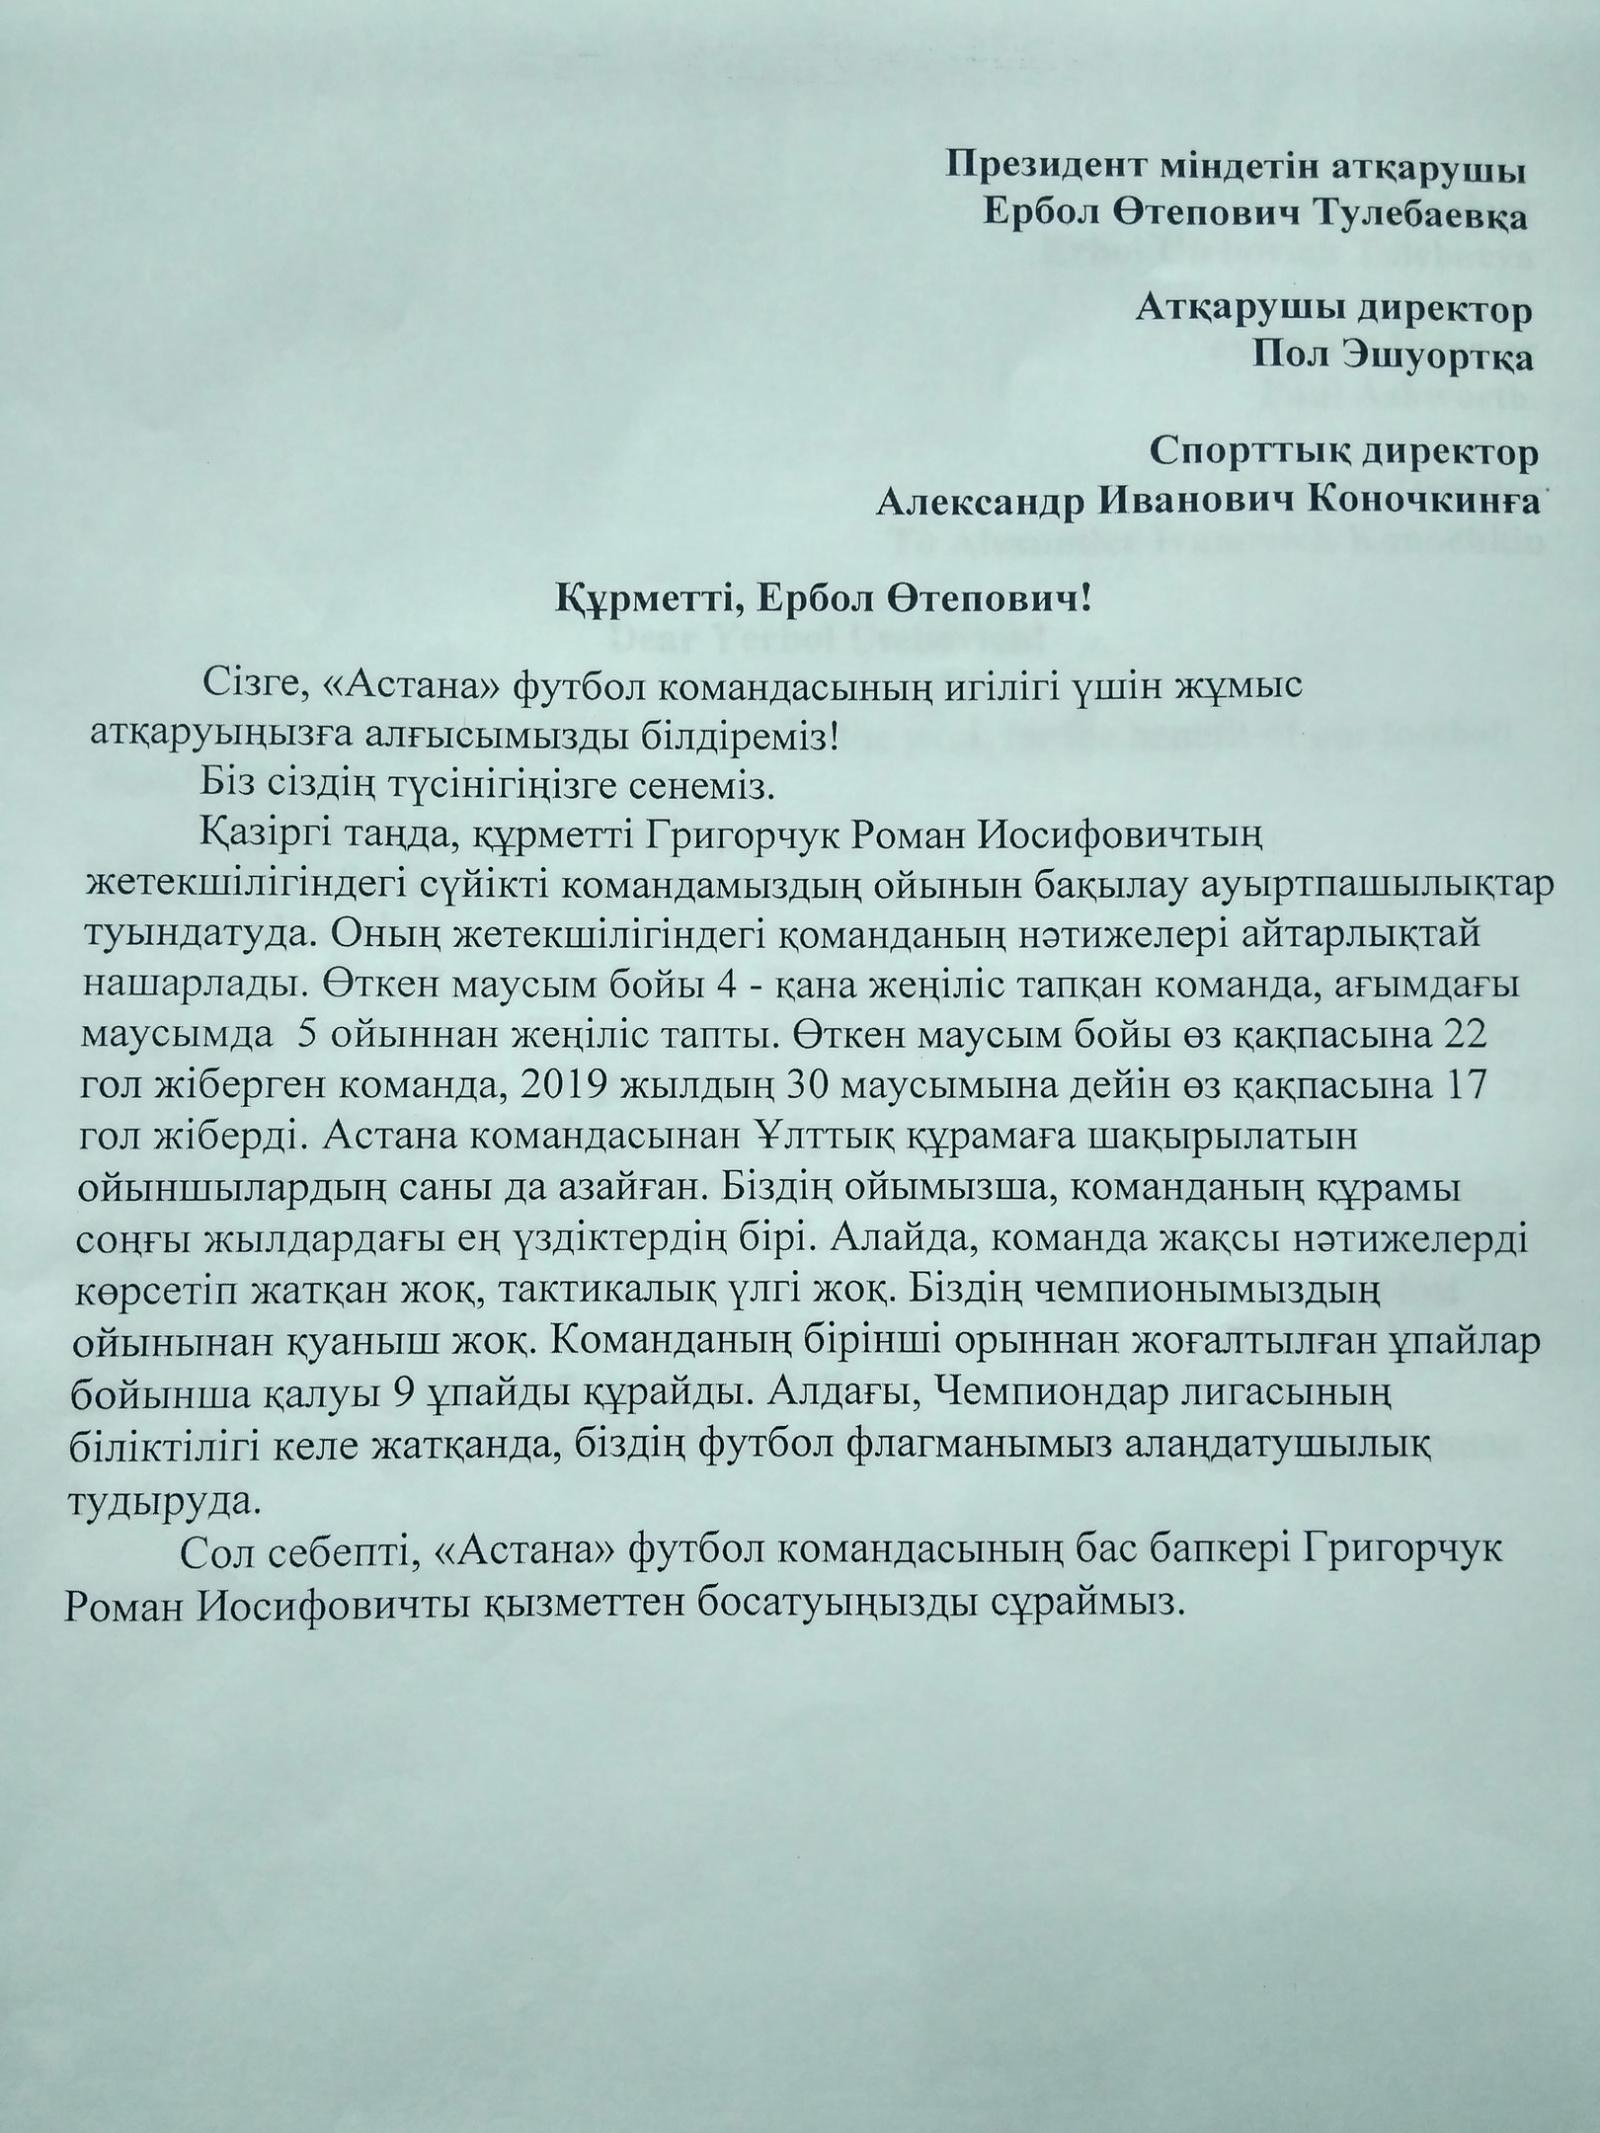 """Болельщики """"Астаны"""" просят отставки Романа Григорчука - изображение 2"""